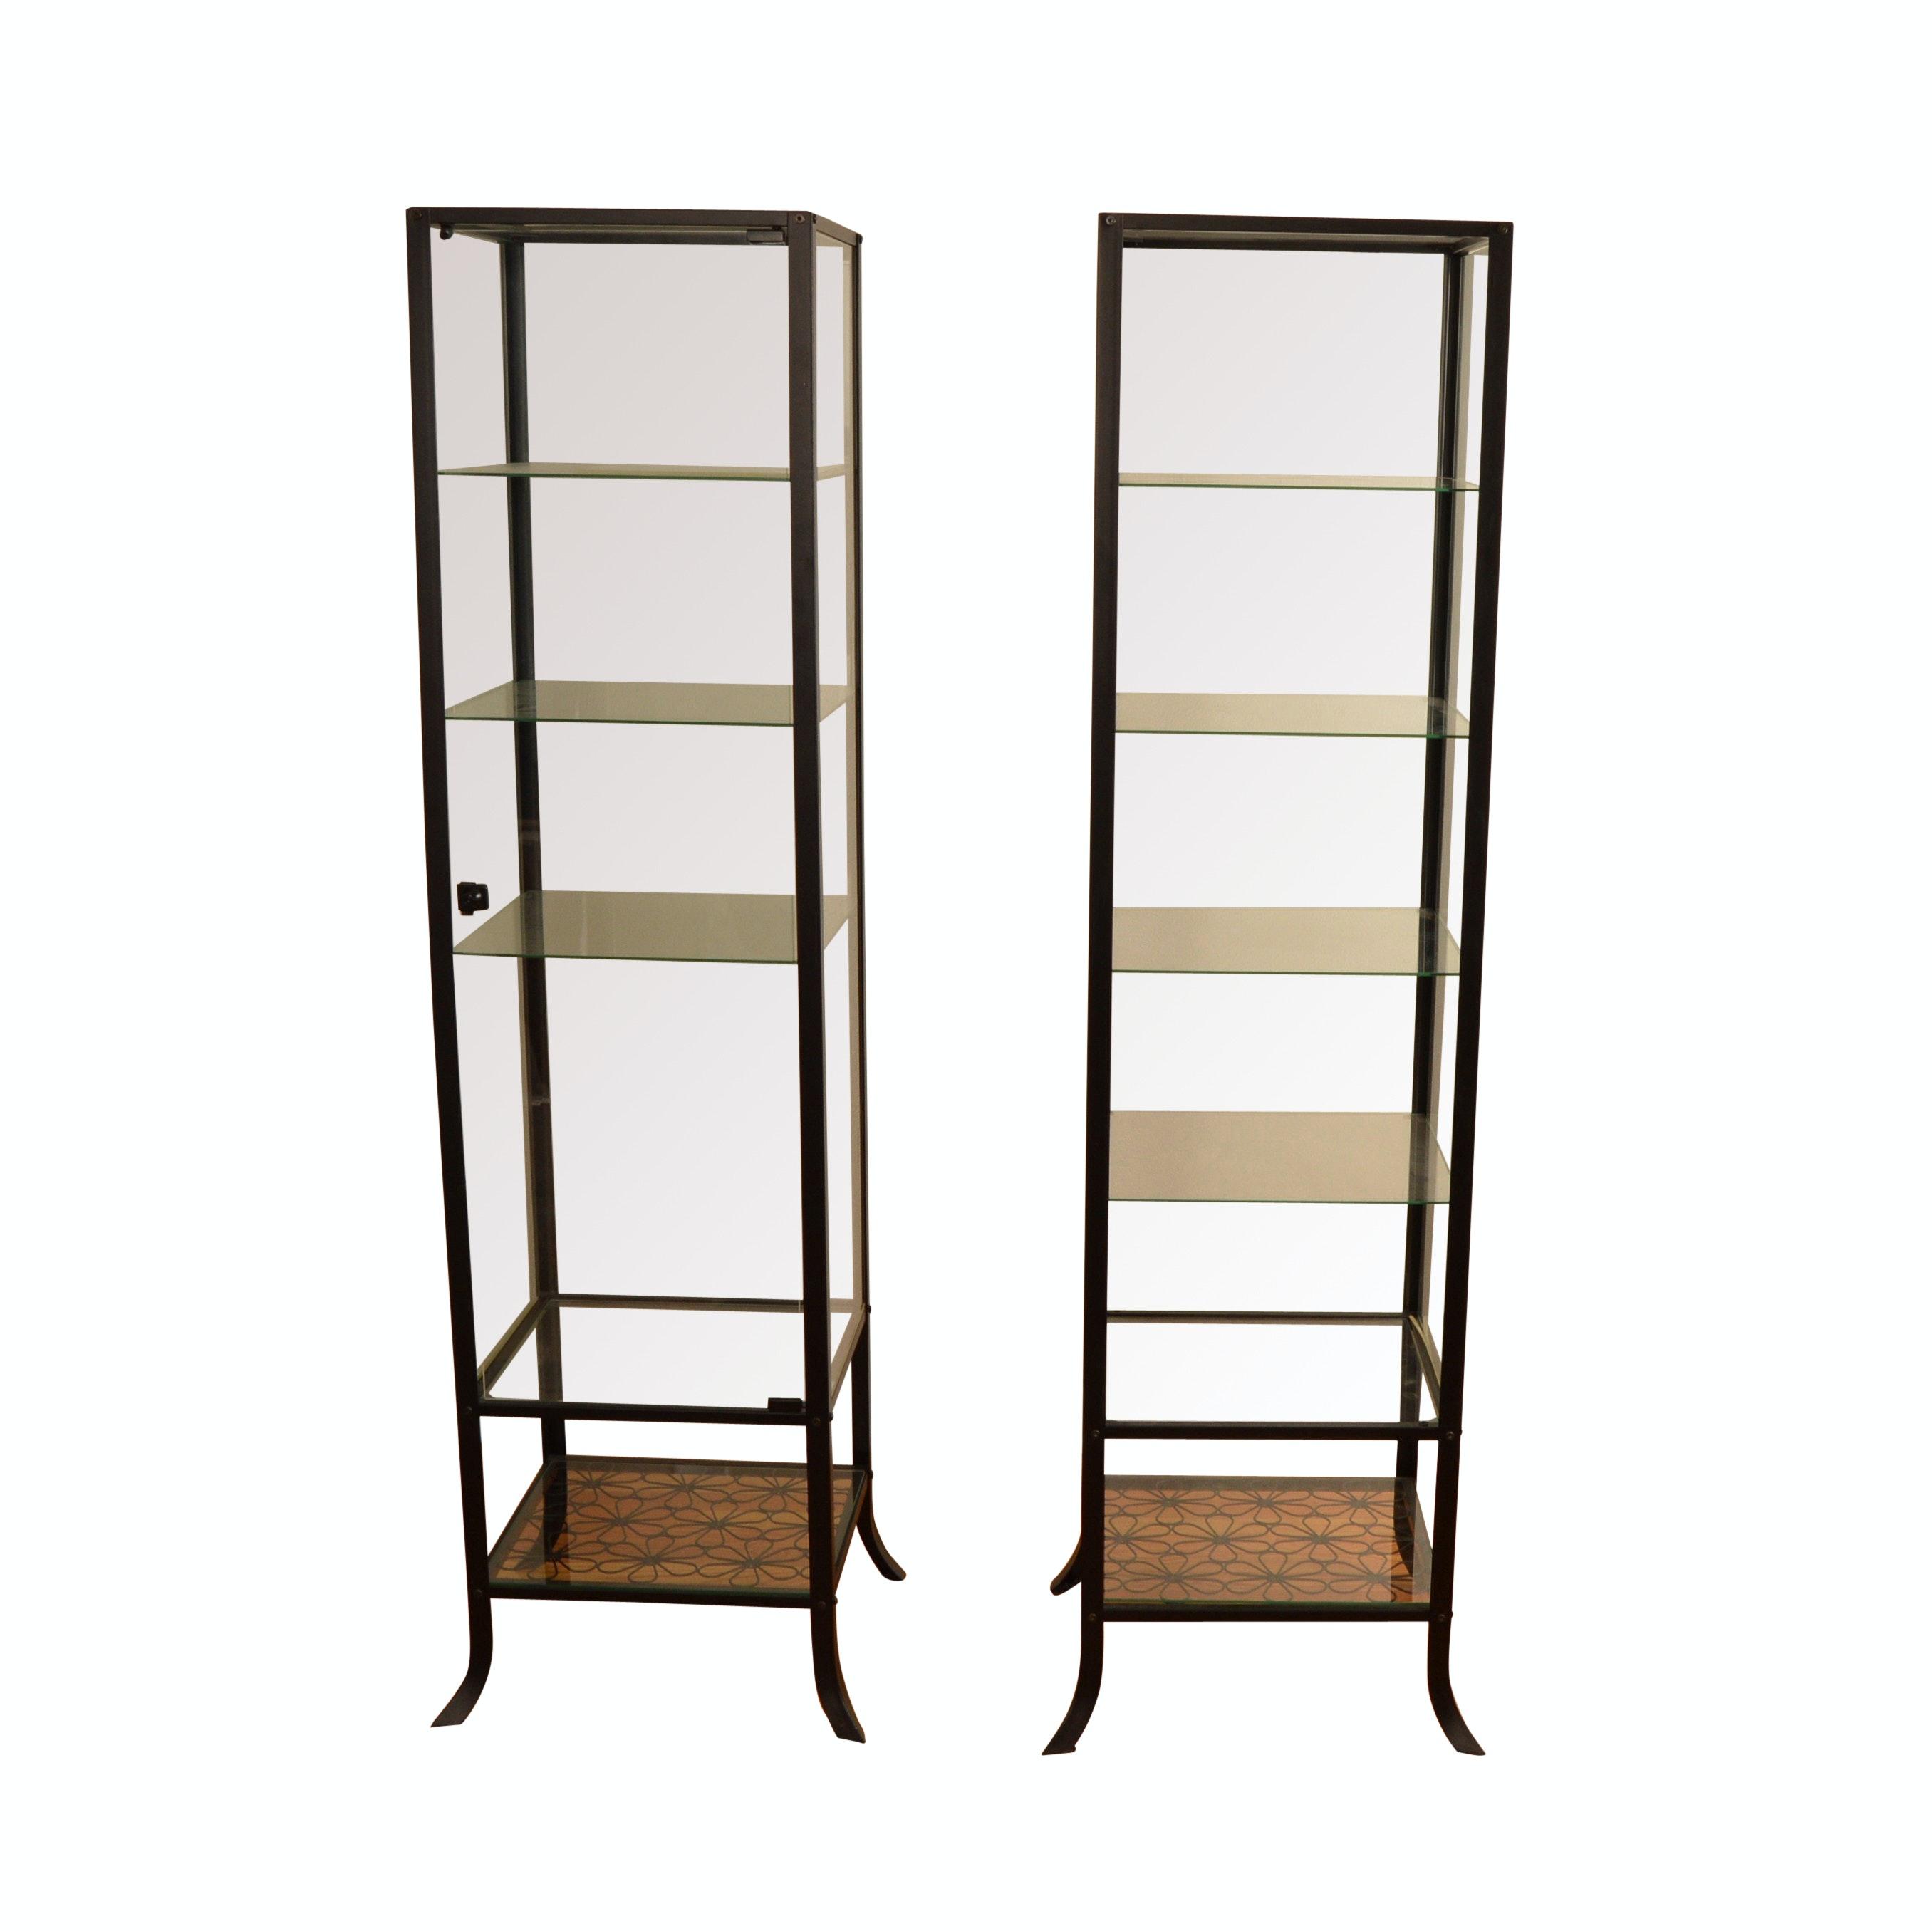 Pair of IKEA Klingsbo Display Cabinets